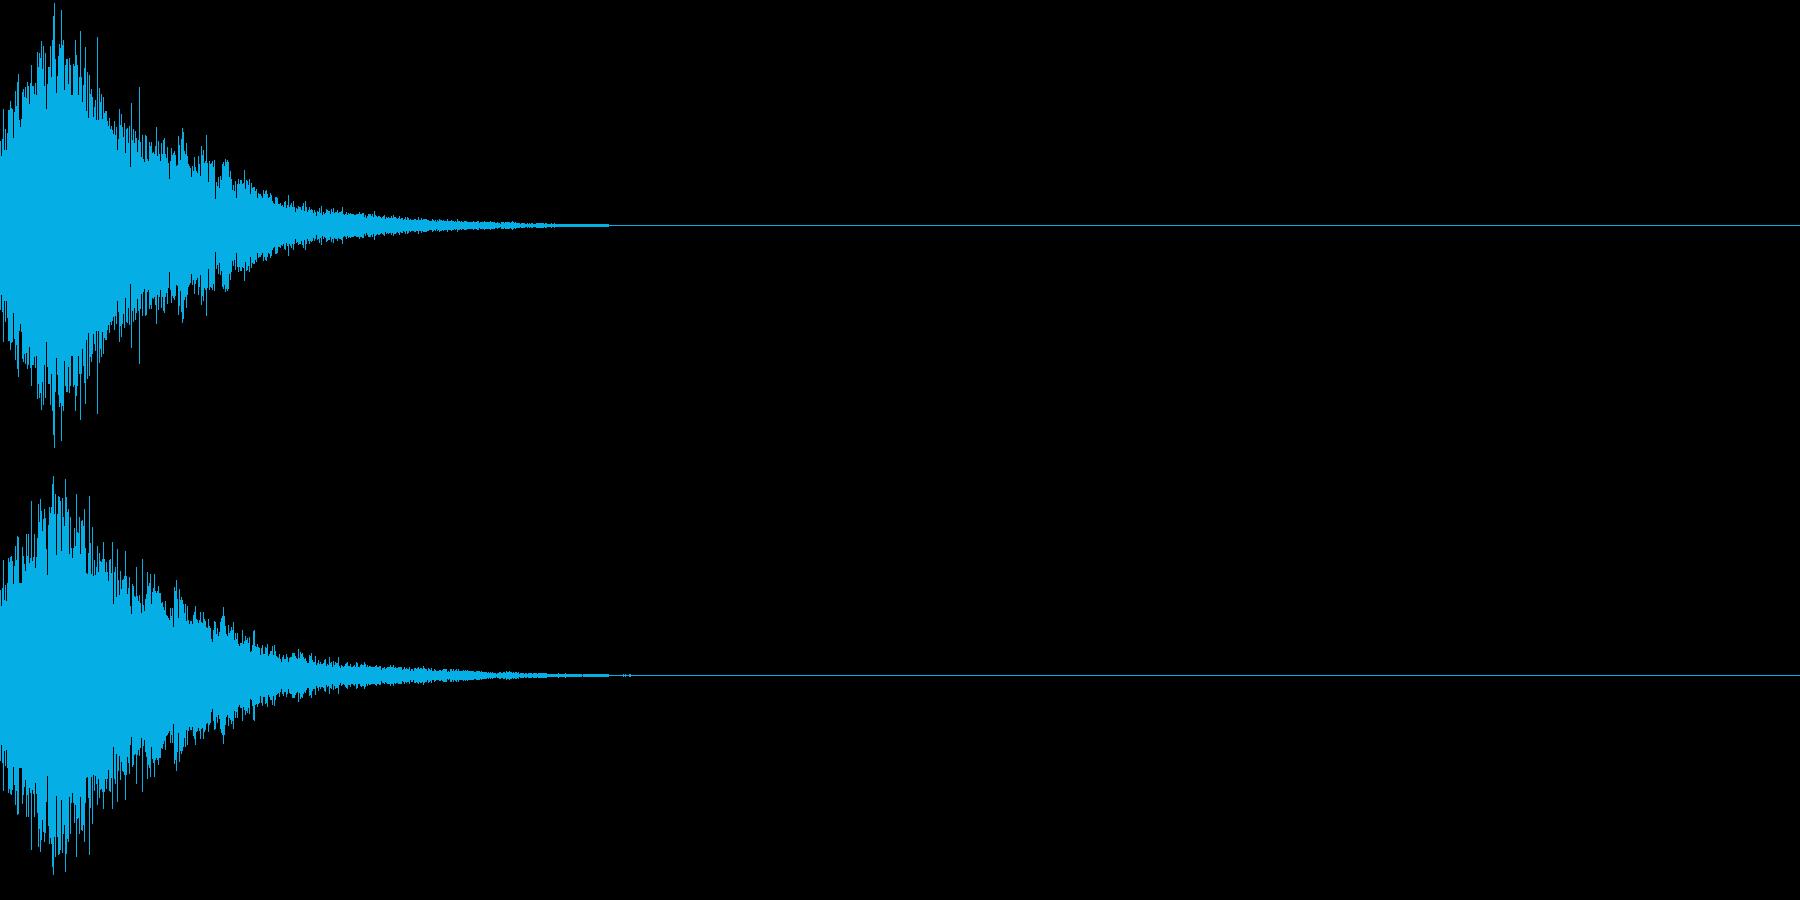 刀 剣 カキーン シャキーン 目立つ18の再生済みの波形